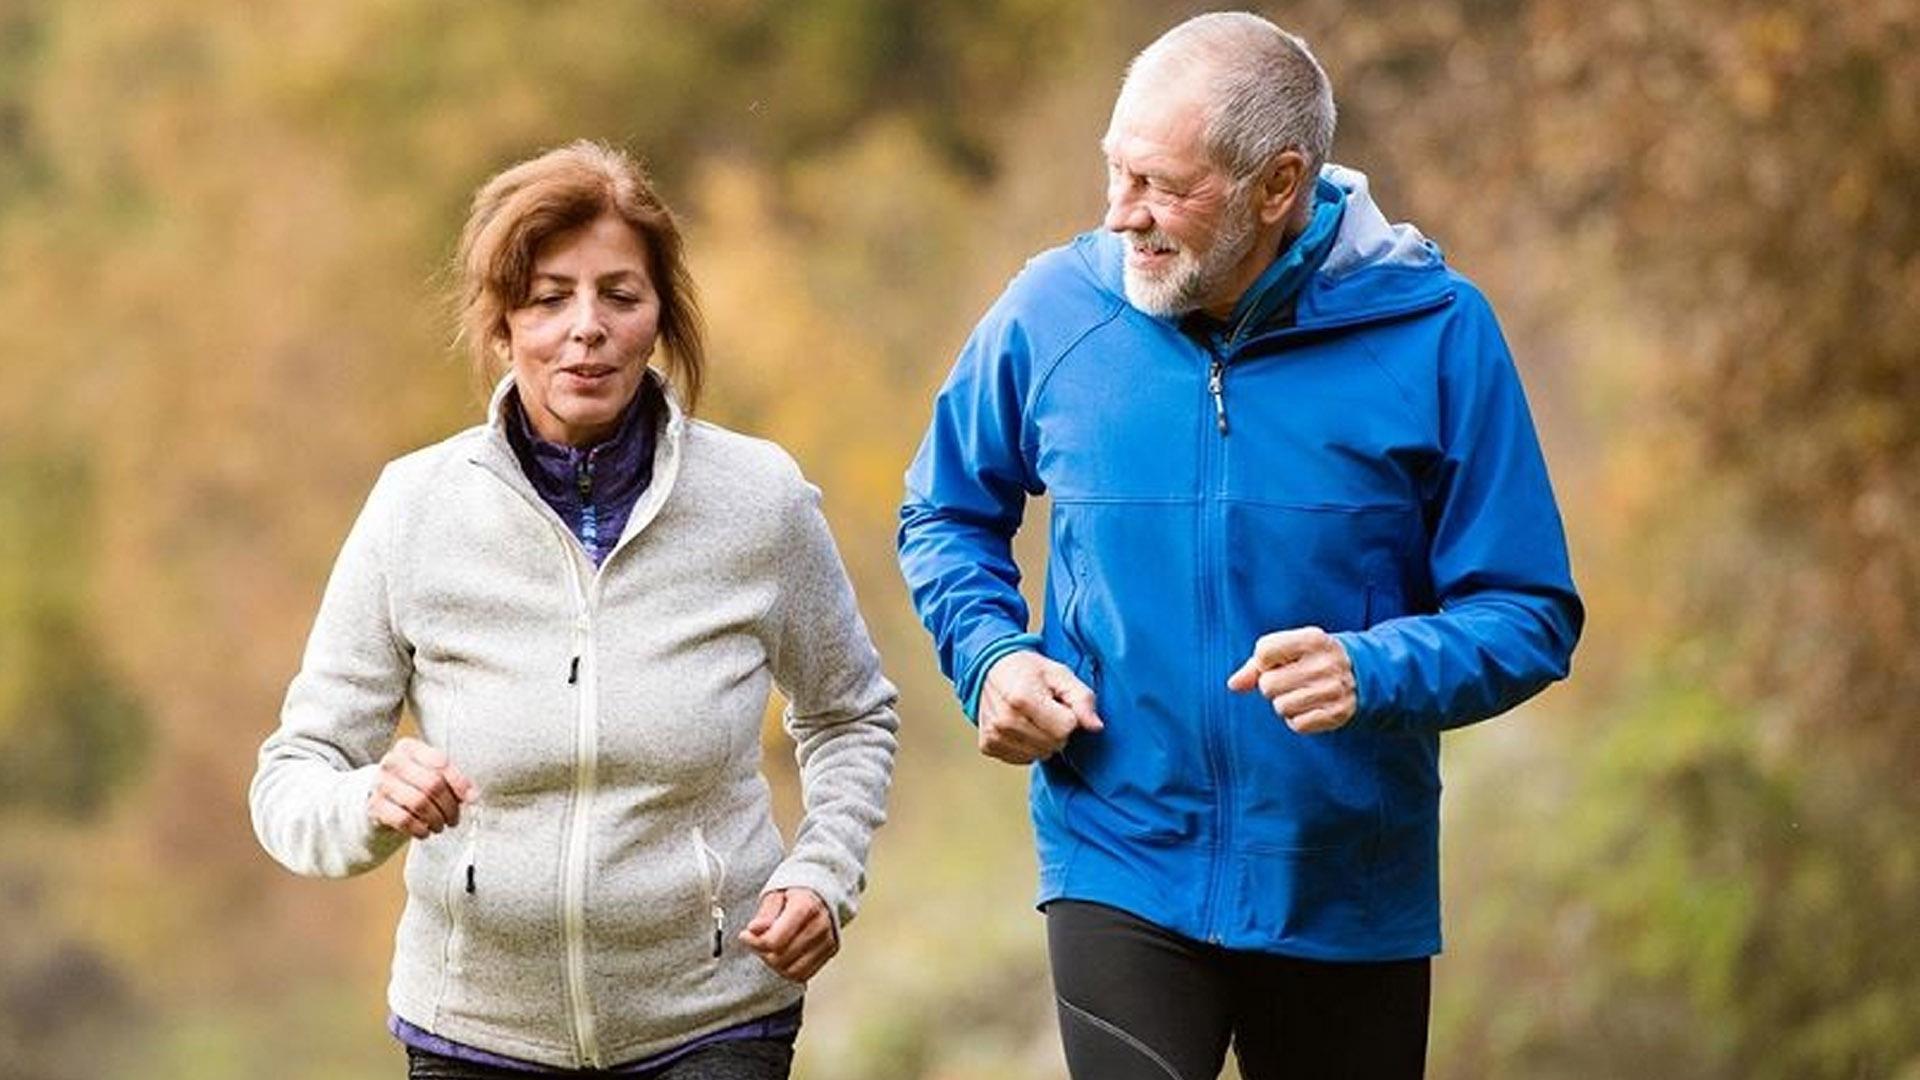 Cuidar la salud física de los adultos mayores